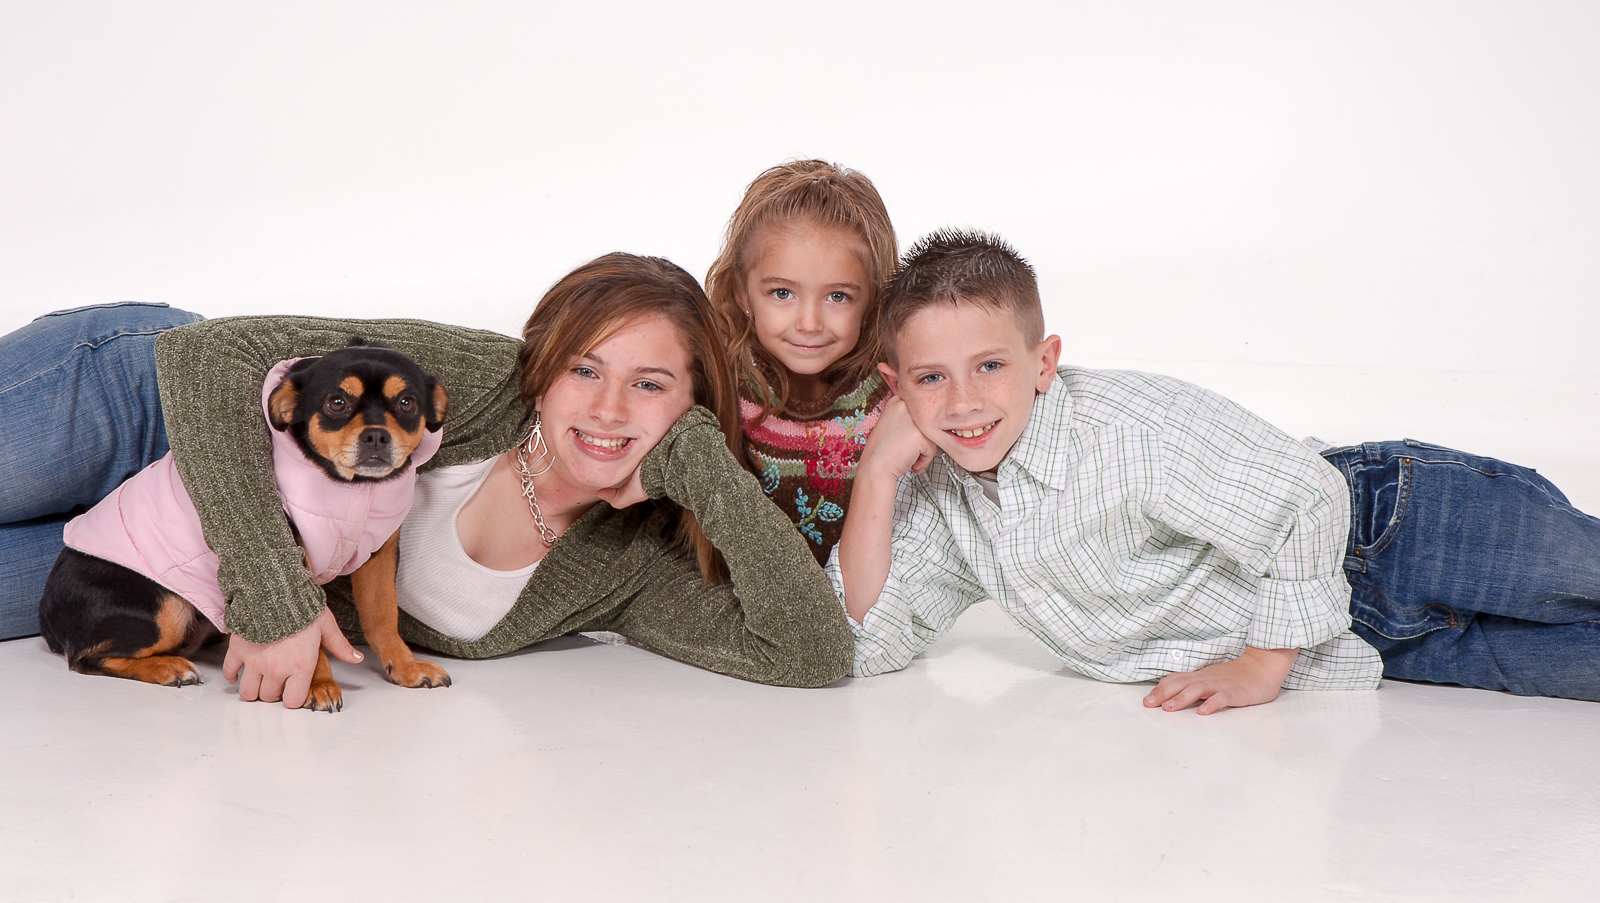 Michael-Napier-Portraits-Families-13.jpg